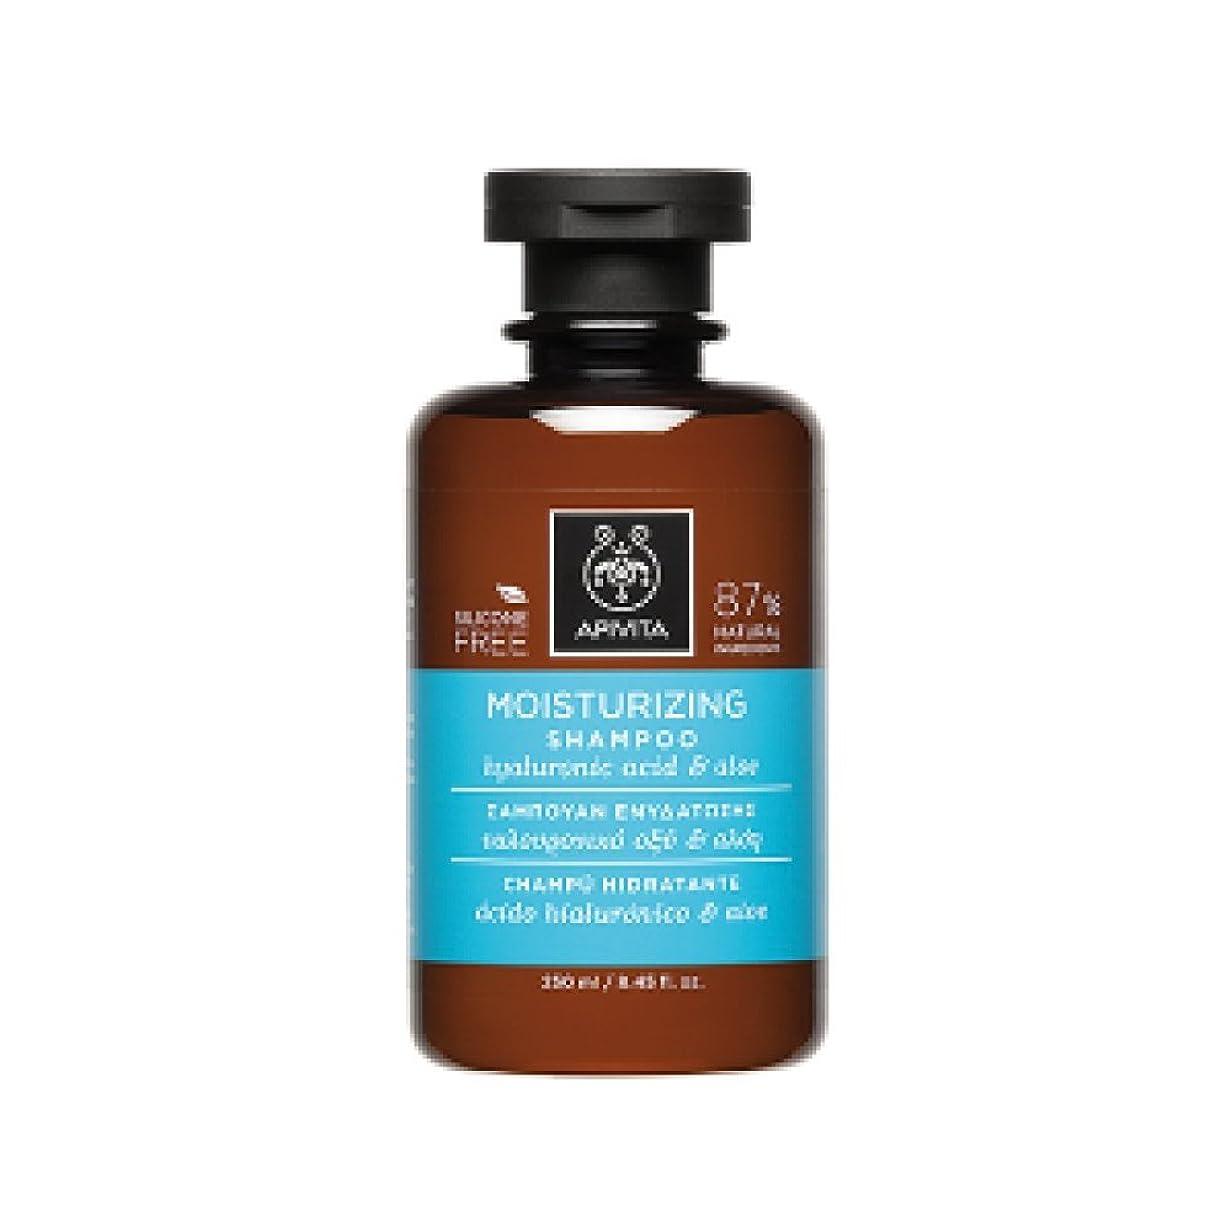 動的尋ねる消費するアピヴィータ Moisturizing Shampoo with Hyaluronic Acid & Aloe (For All Hair Types) 250ml [並行輸入品]